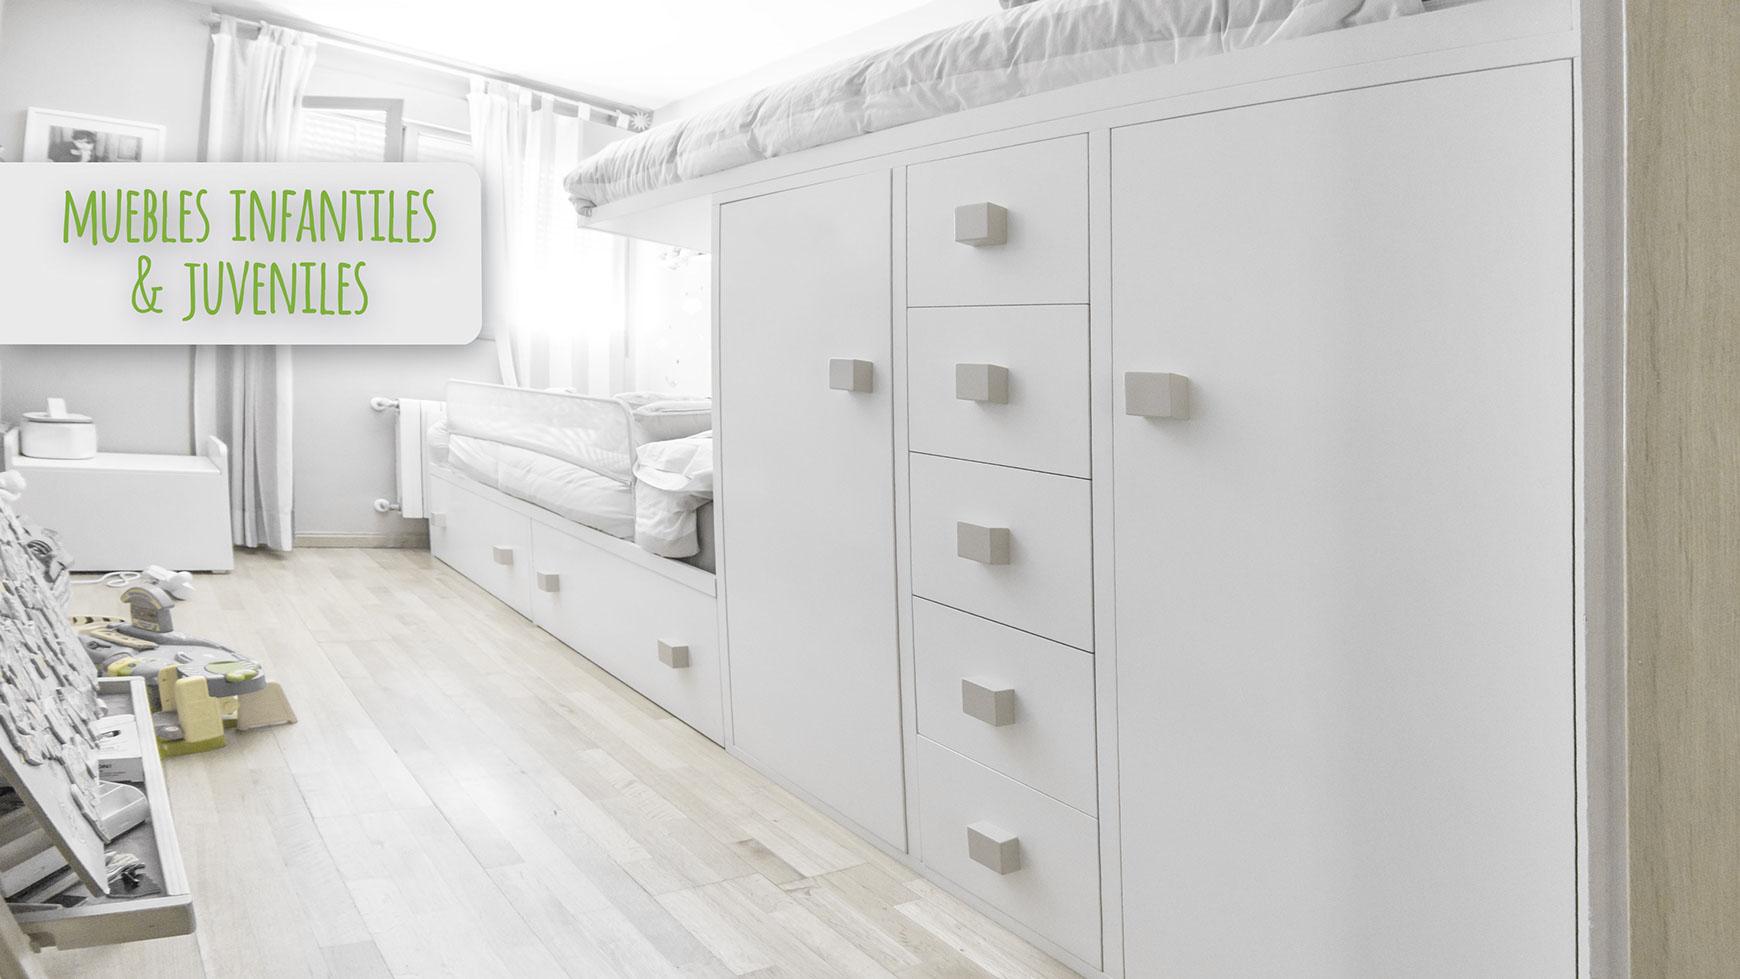 Muebles Dormitorio Madrid : Lignea home muebles infantiles y juveniles a medida en